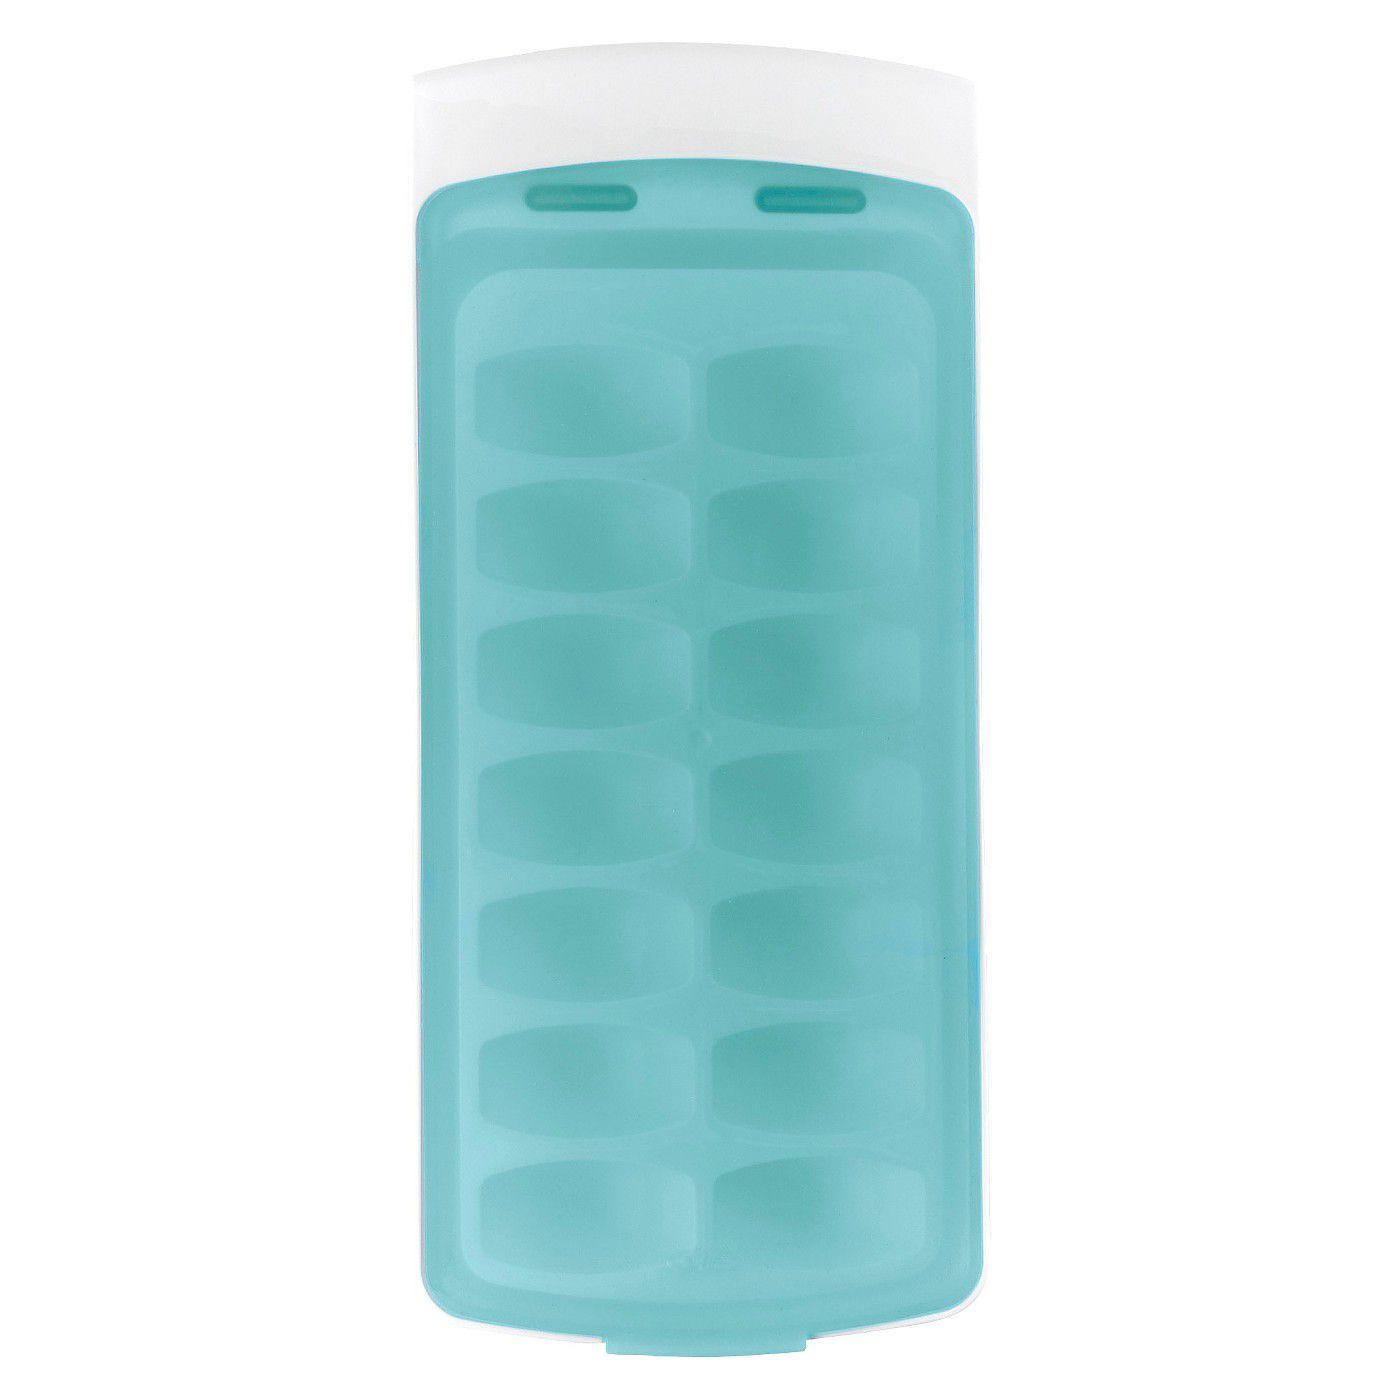 OXO No Spill Ice Cube Tray